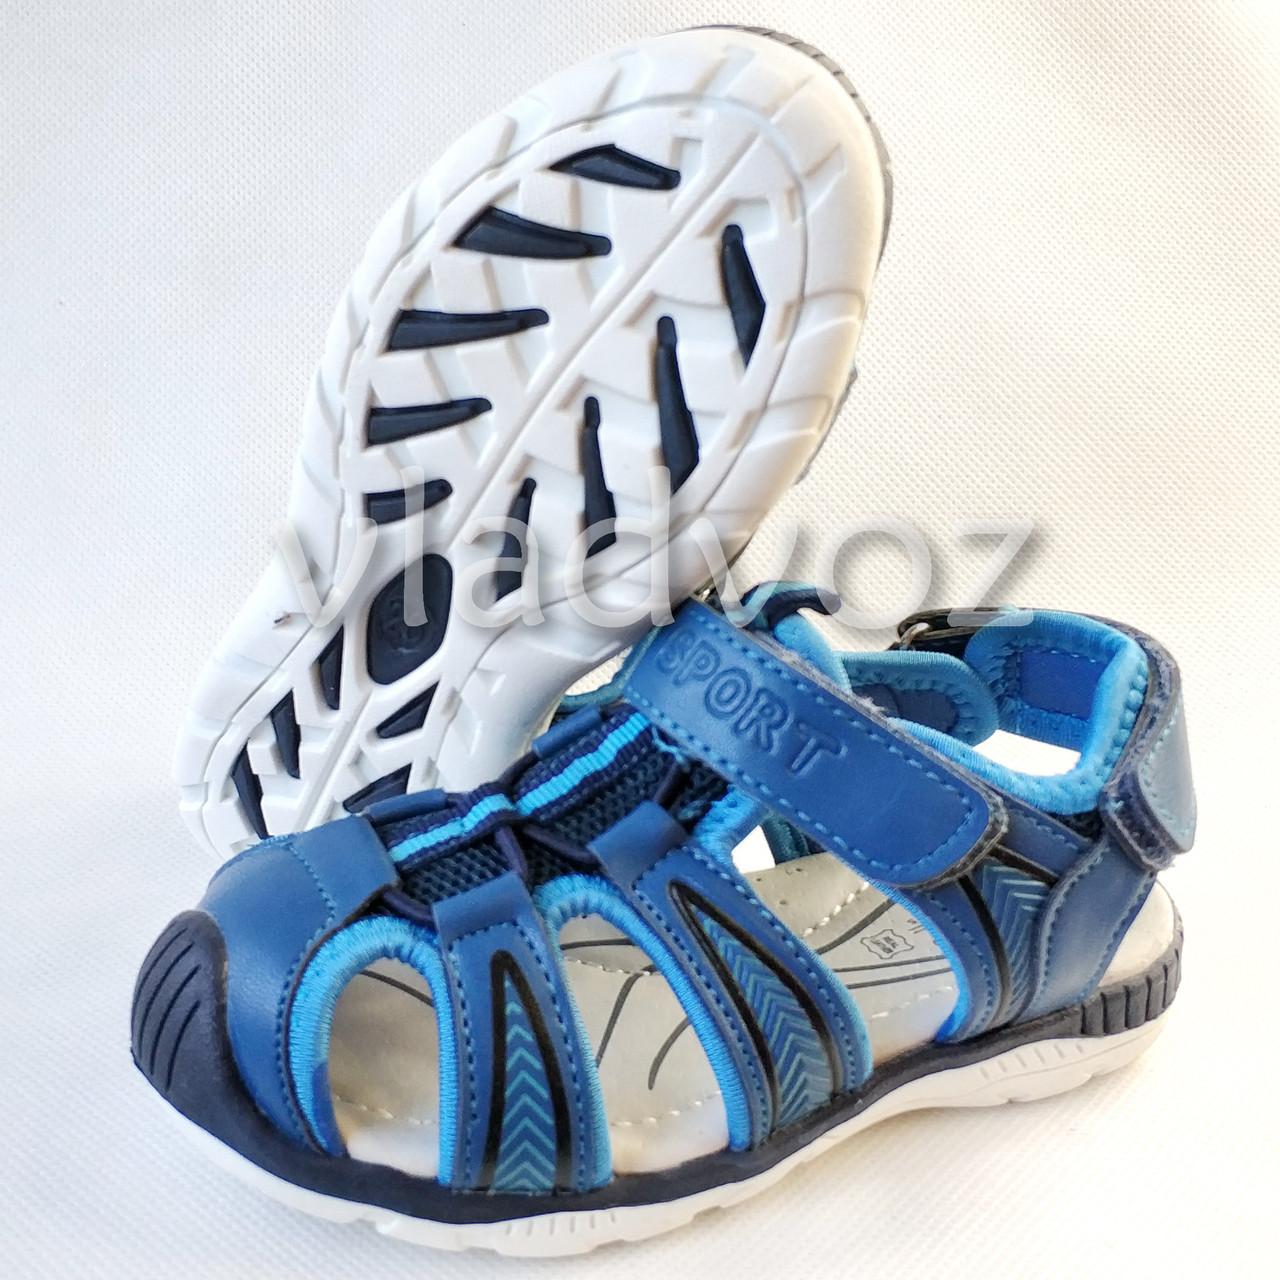 453135c09 Босоножки сандалии для мальчика на мальчиков мальчику Tom.M синий Спорт